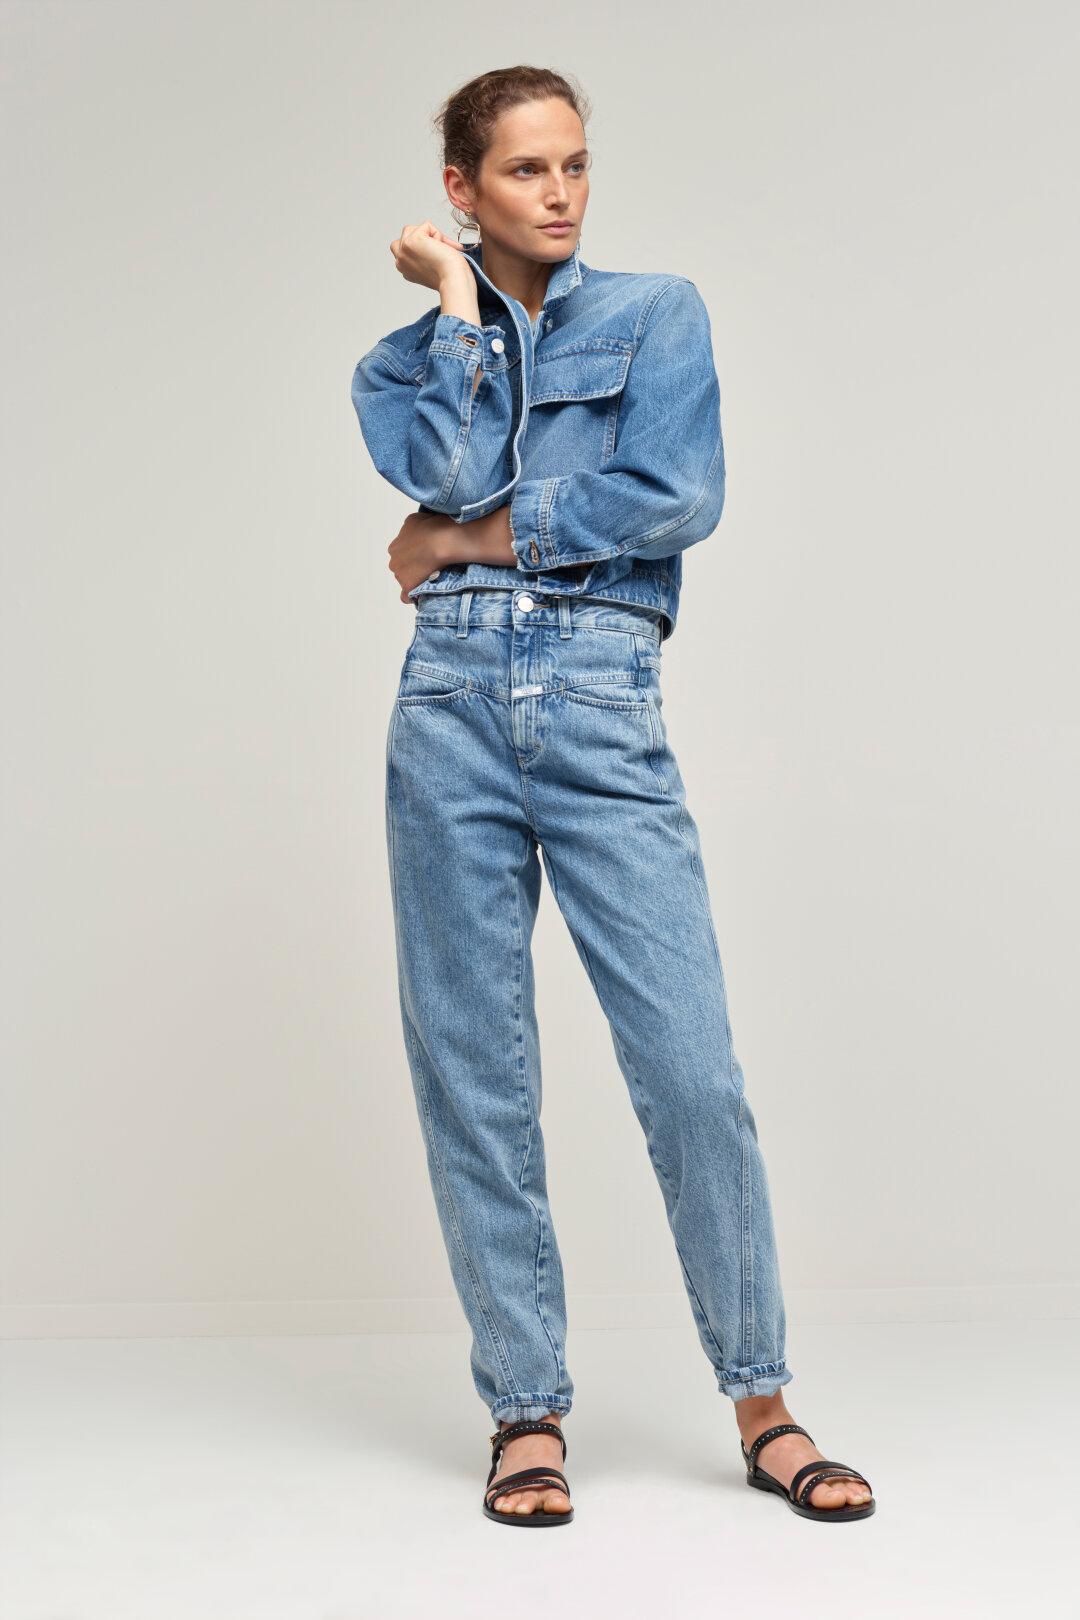 Jeans Batik Noir 1,45 m Largeur